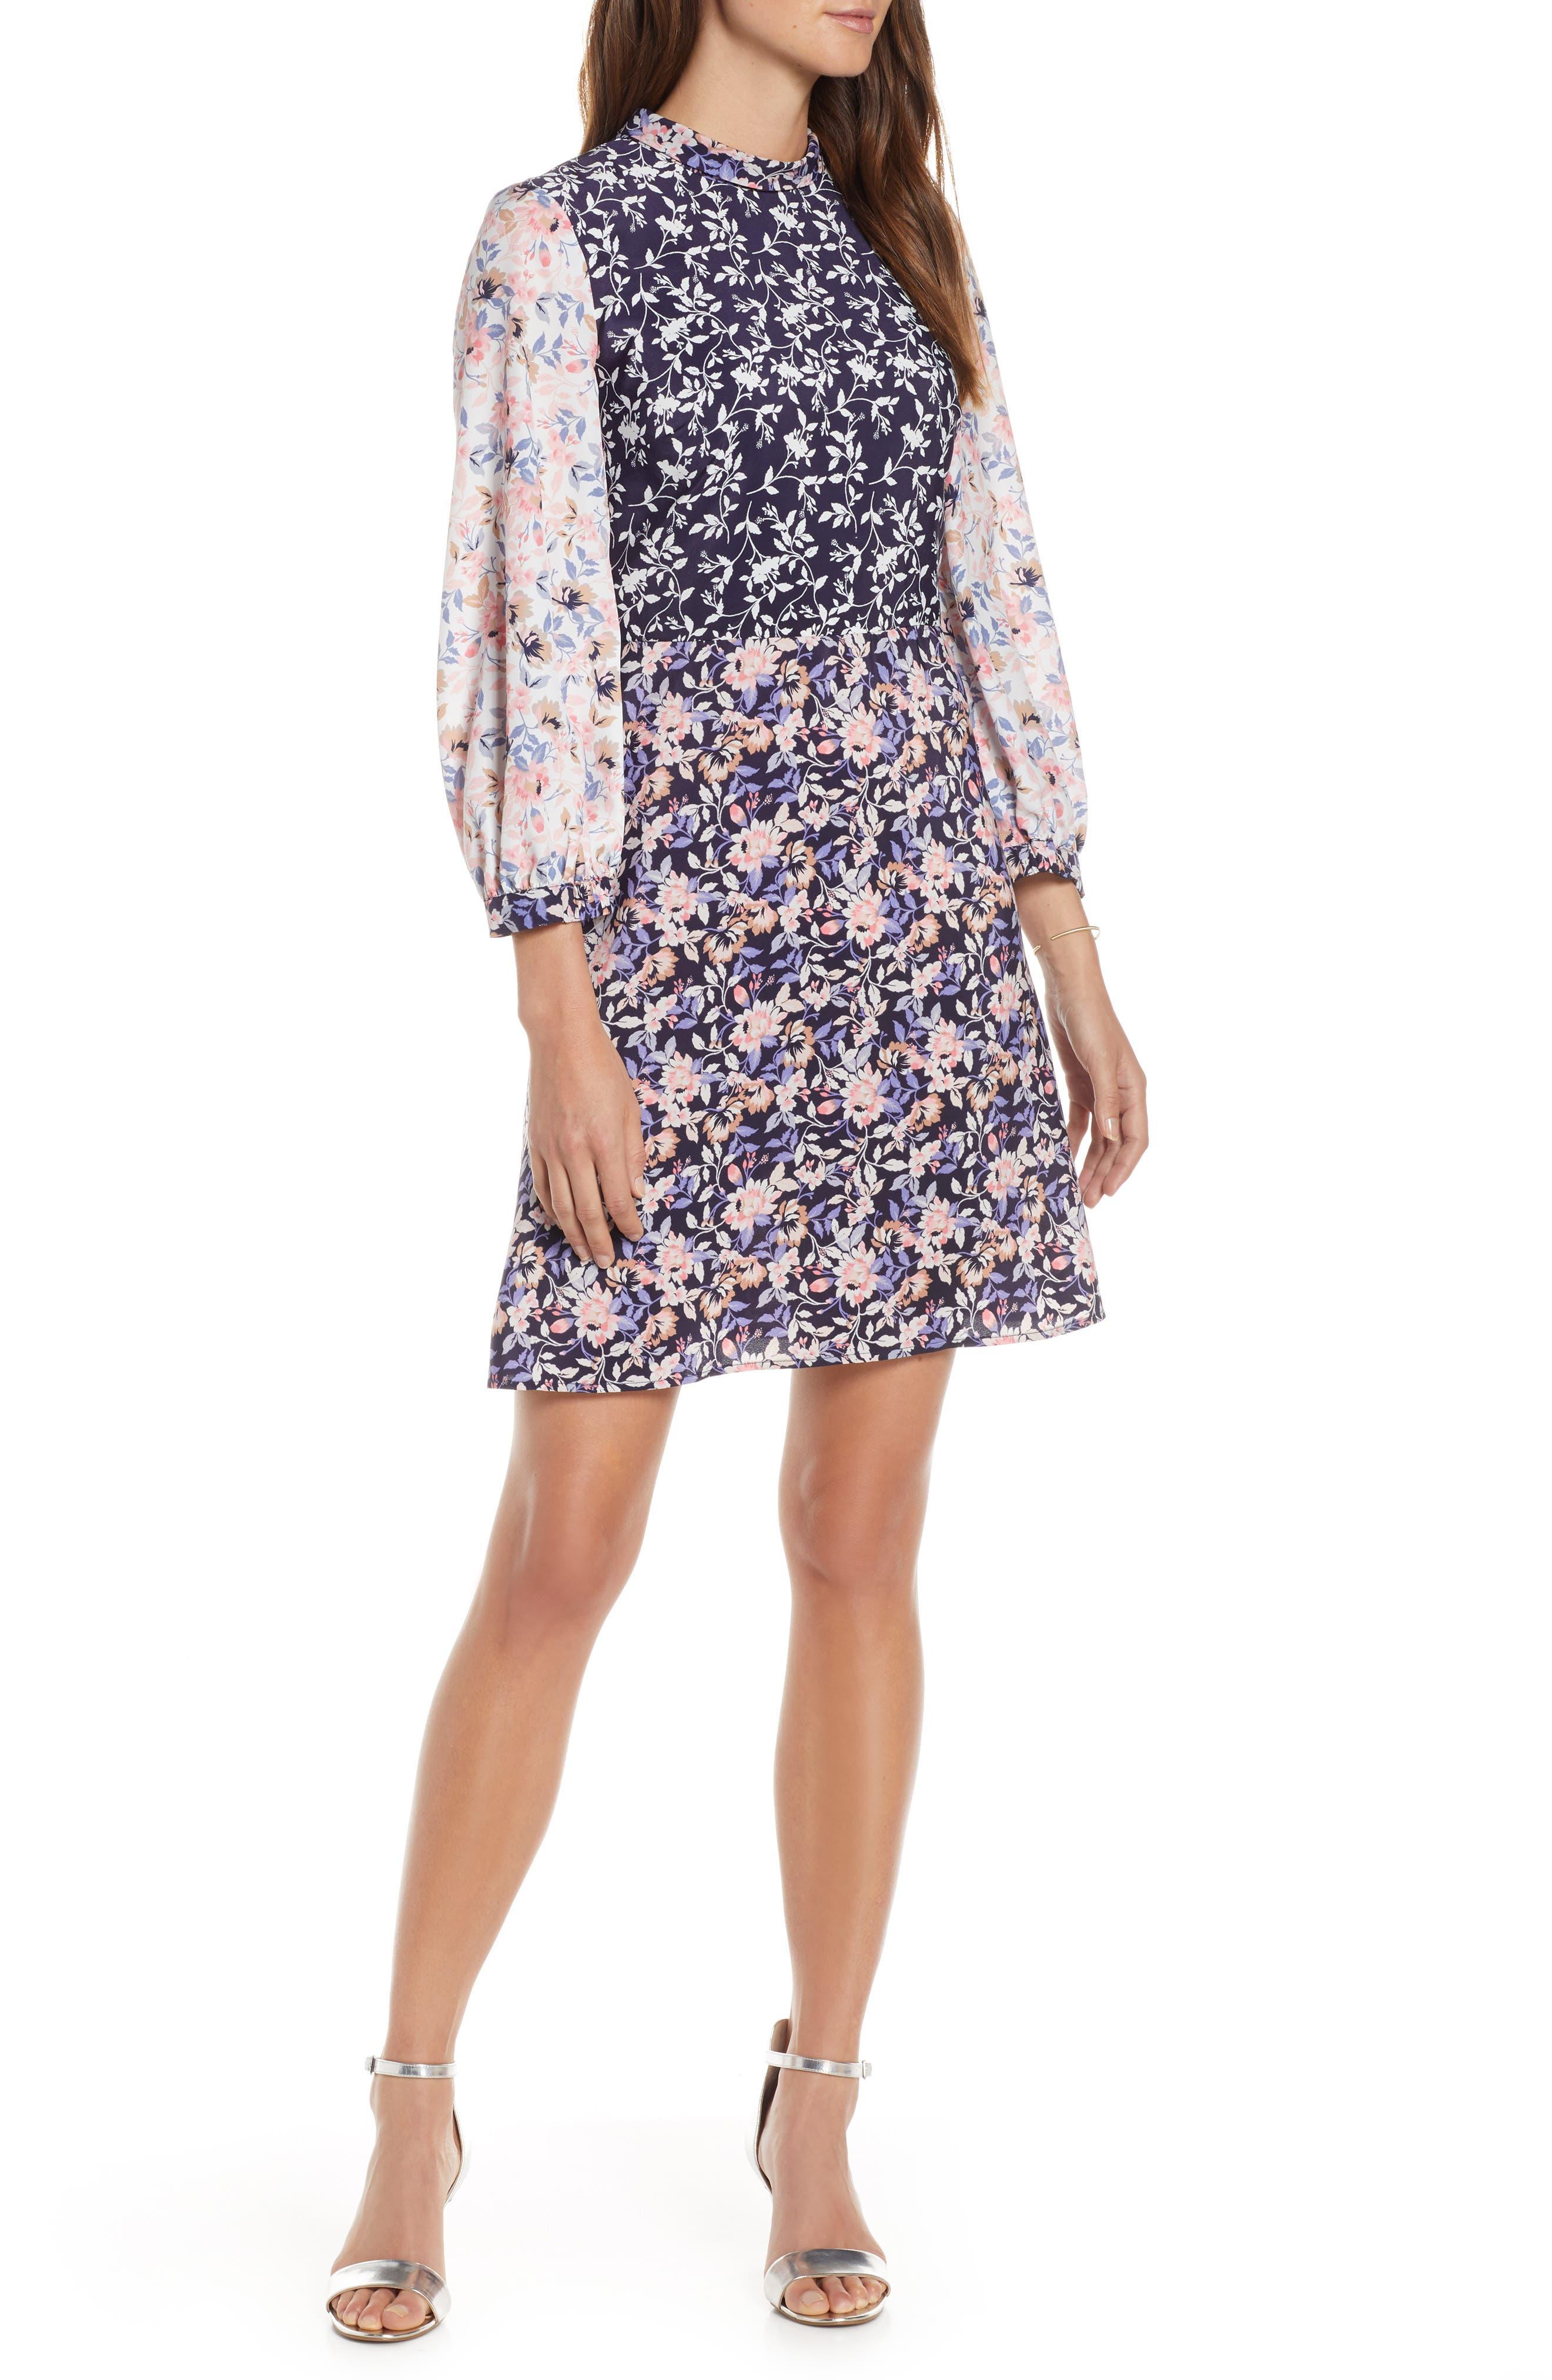 70s Dresses – Disco Dress, Hippie Dress, Wrap Dress Womens 1901 Colorblock Floral Woven Dress $77.40 AT vintagedancer.com